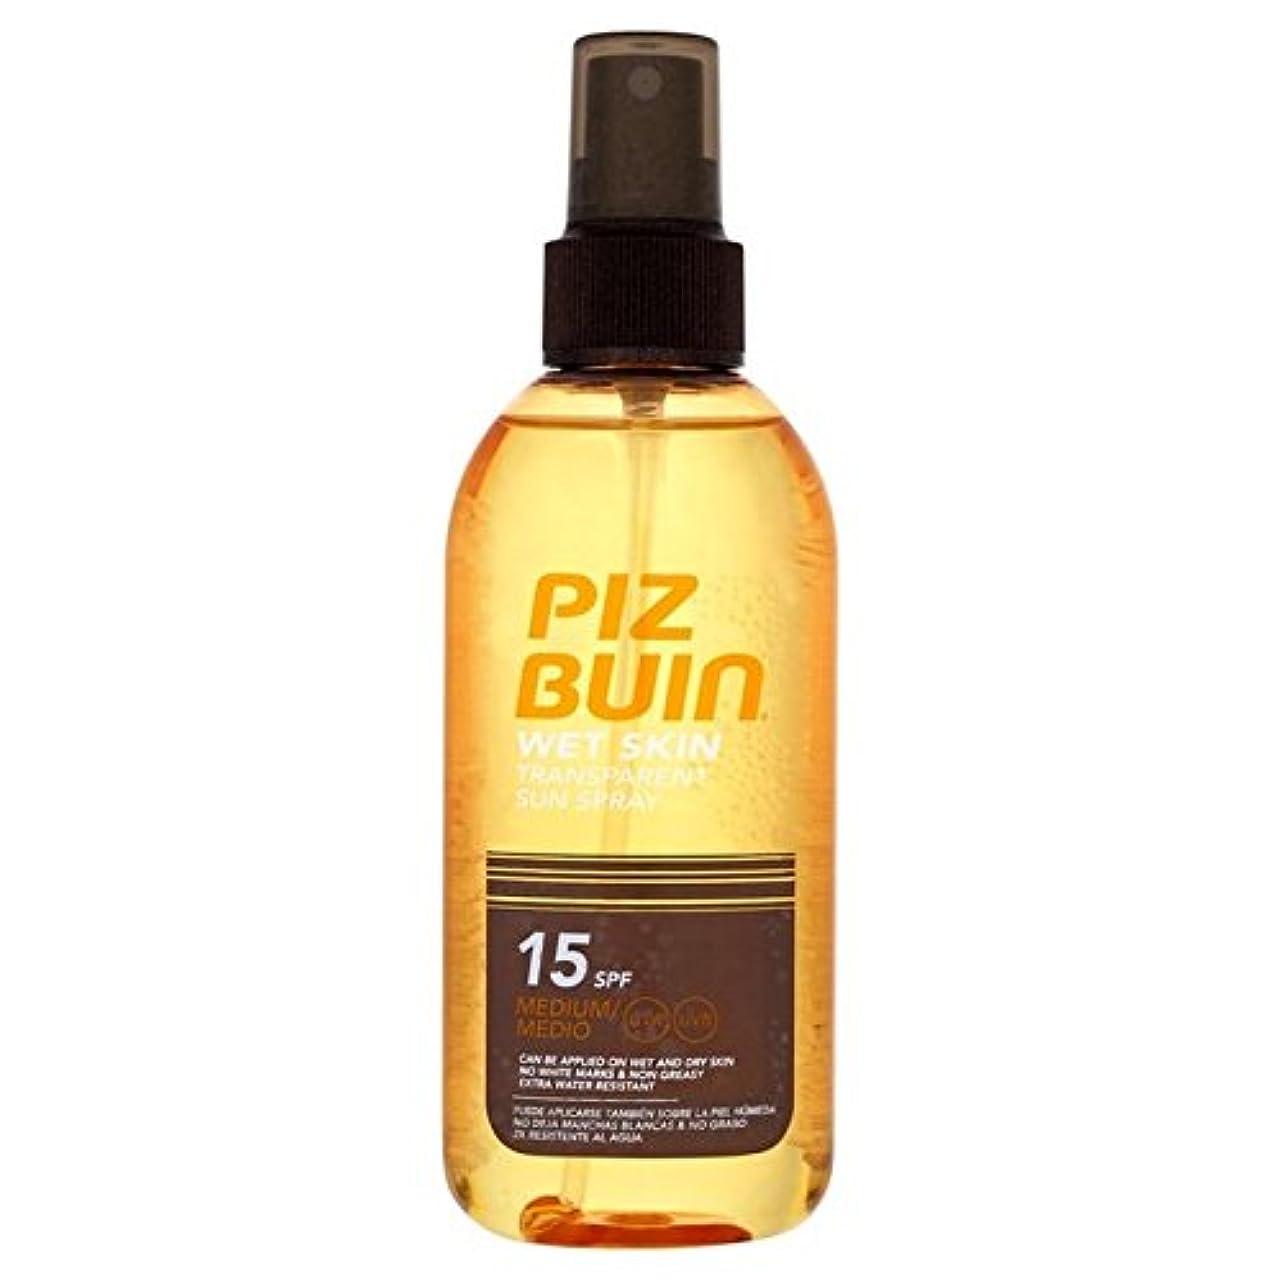 活気づくサラダ滑るPiz Buin Wet Transparent Skin SPF15 150ml (Pack of 6) - ピッツブーインの湿った透明肌15の150ミリリットル x6 [並行輸入品]